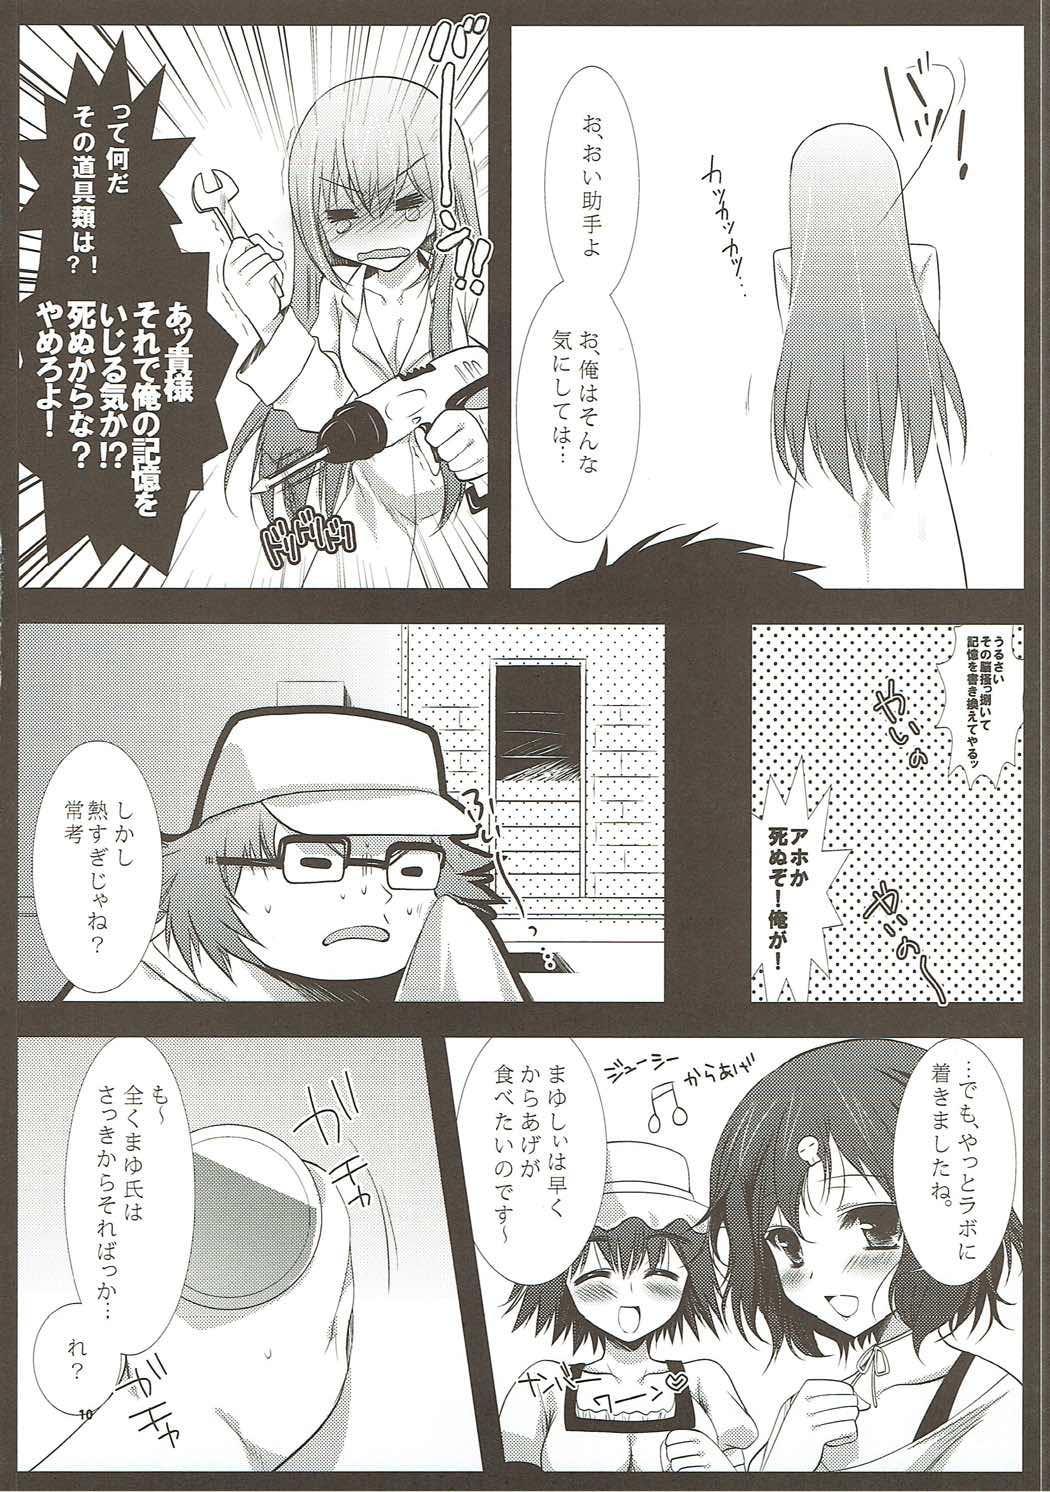 Ore no Joshu no Dere ga Uchouten de Todomaru Koto o Shiranai 8